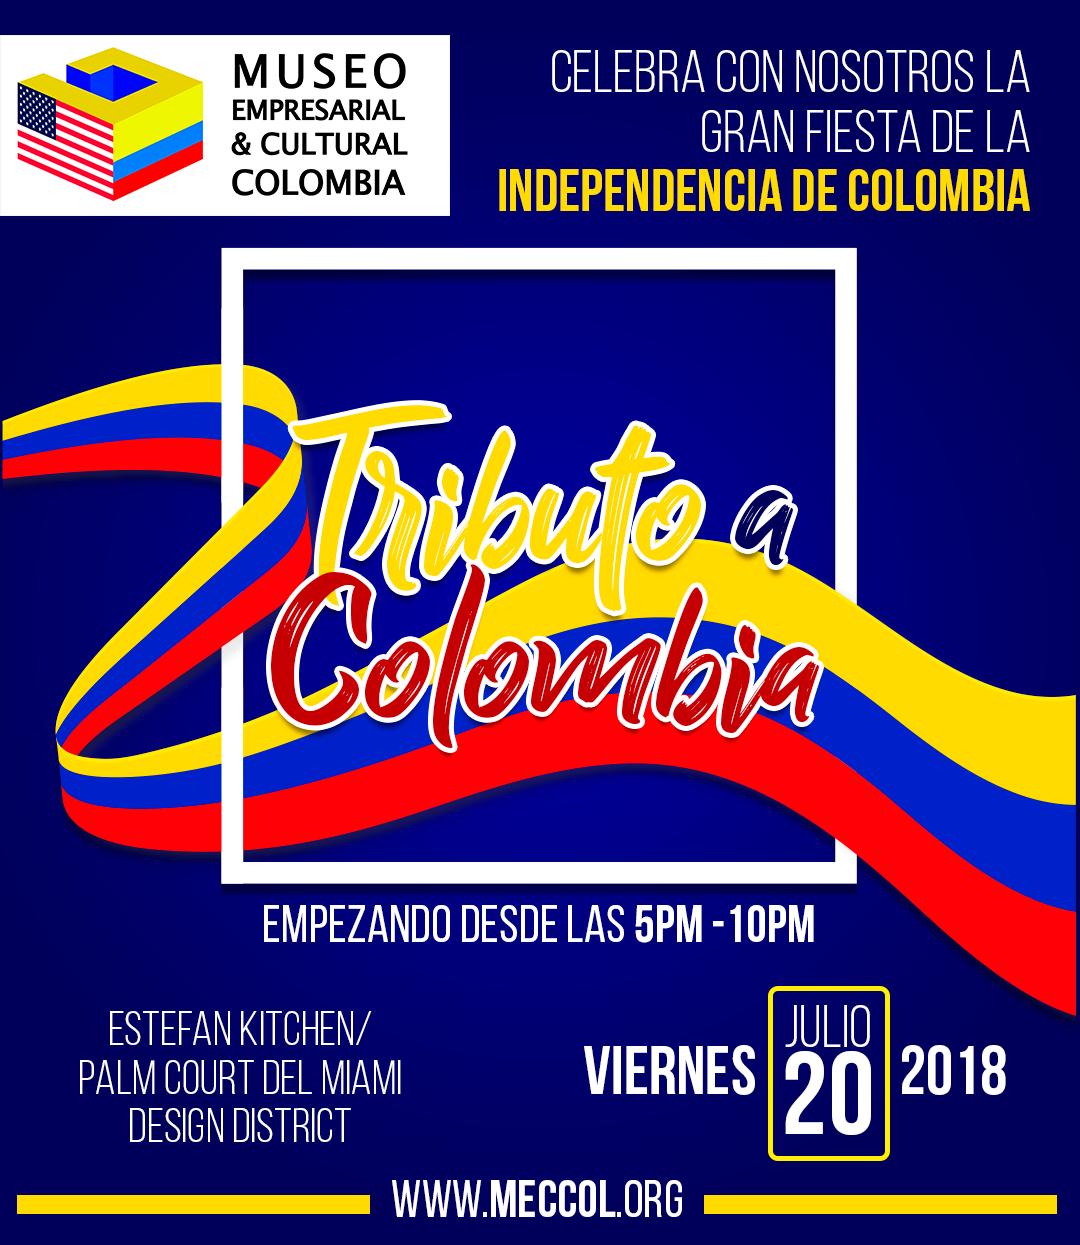 """MUSEO EMPRESARIAL Y CULTURAL COLOMBIA, RESTAURANTE ESTEFAN KITCHEN Y EL MIAMI DESIGN DISTRICT PRESENTAN: """"TRIBUTO A COLOMBIA"""" PARA CELEBRAR LA FIESTA DE LA INDEPENDENCIA"""